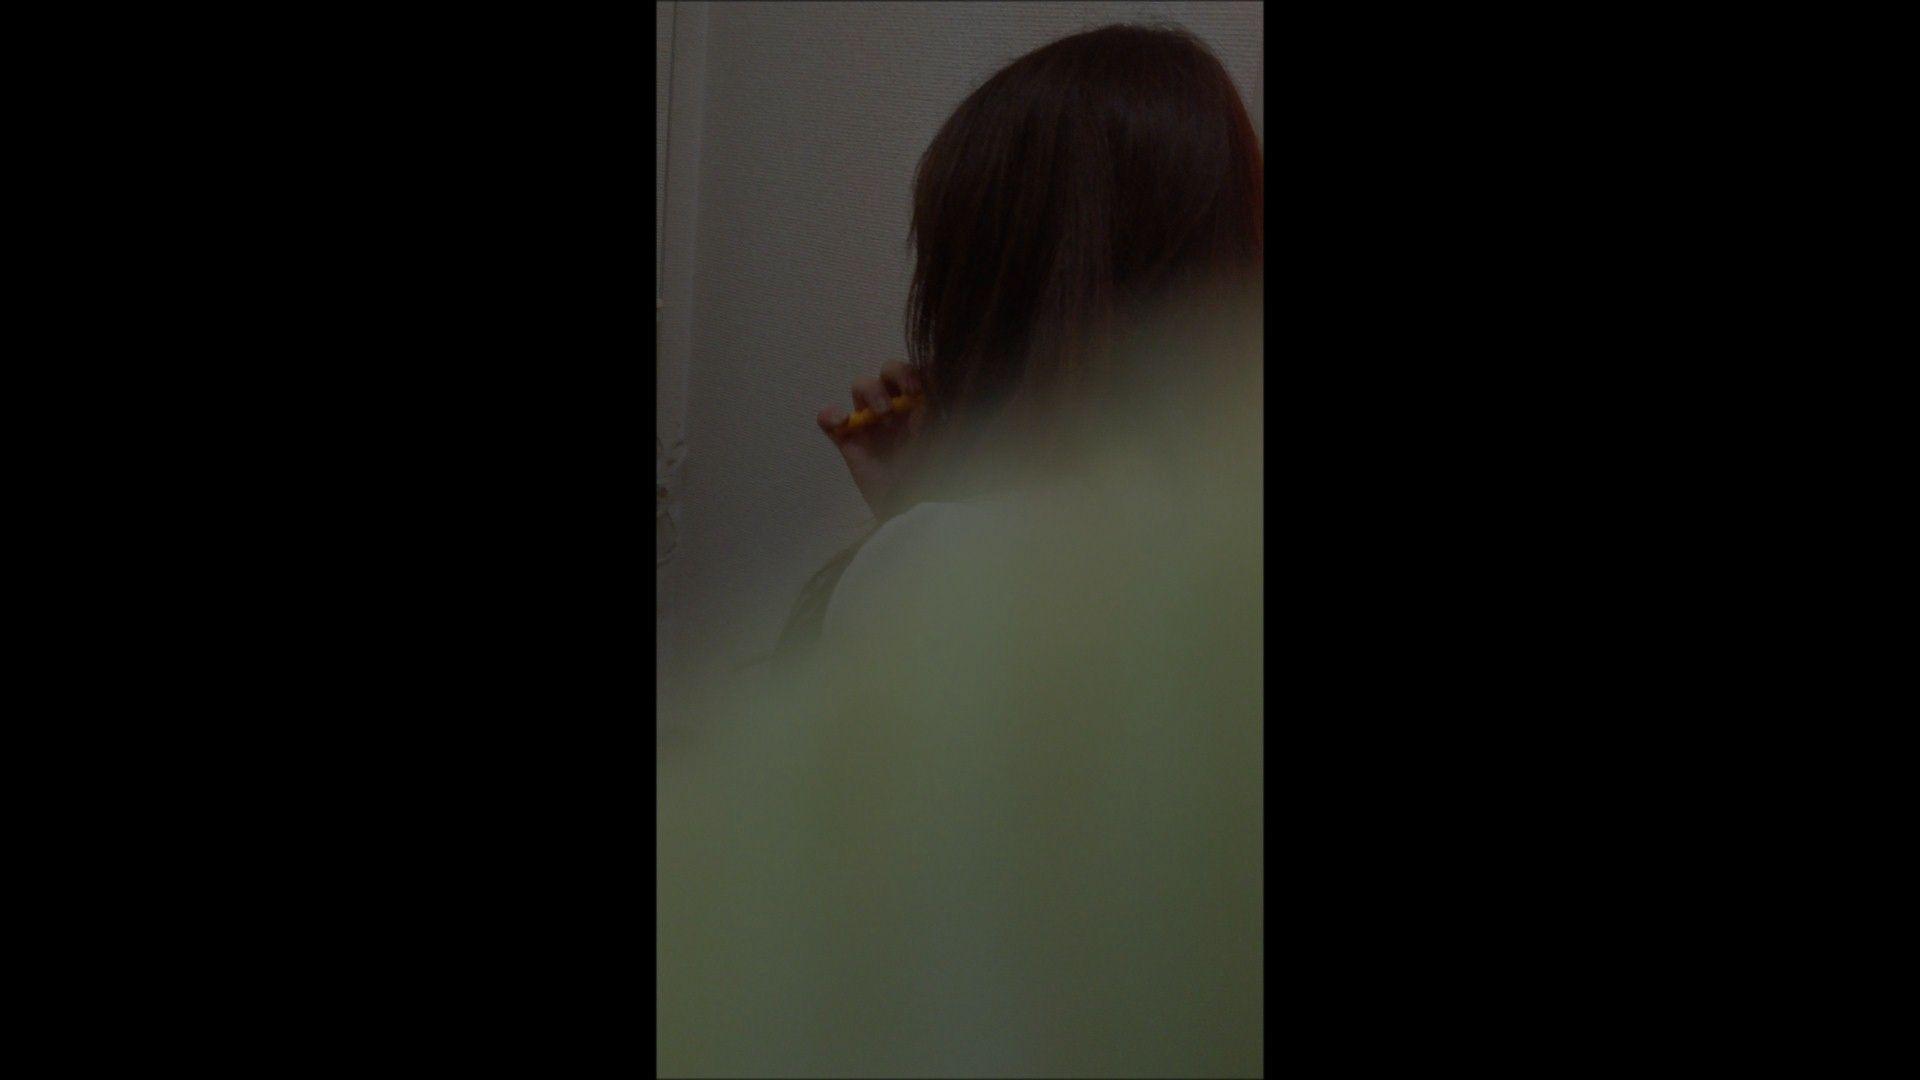 08(8日目)メイク中の彼女の顔を撮りました! いやらしいOL | いやらしい熟女  51連発 21